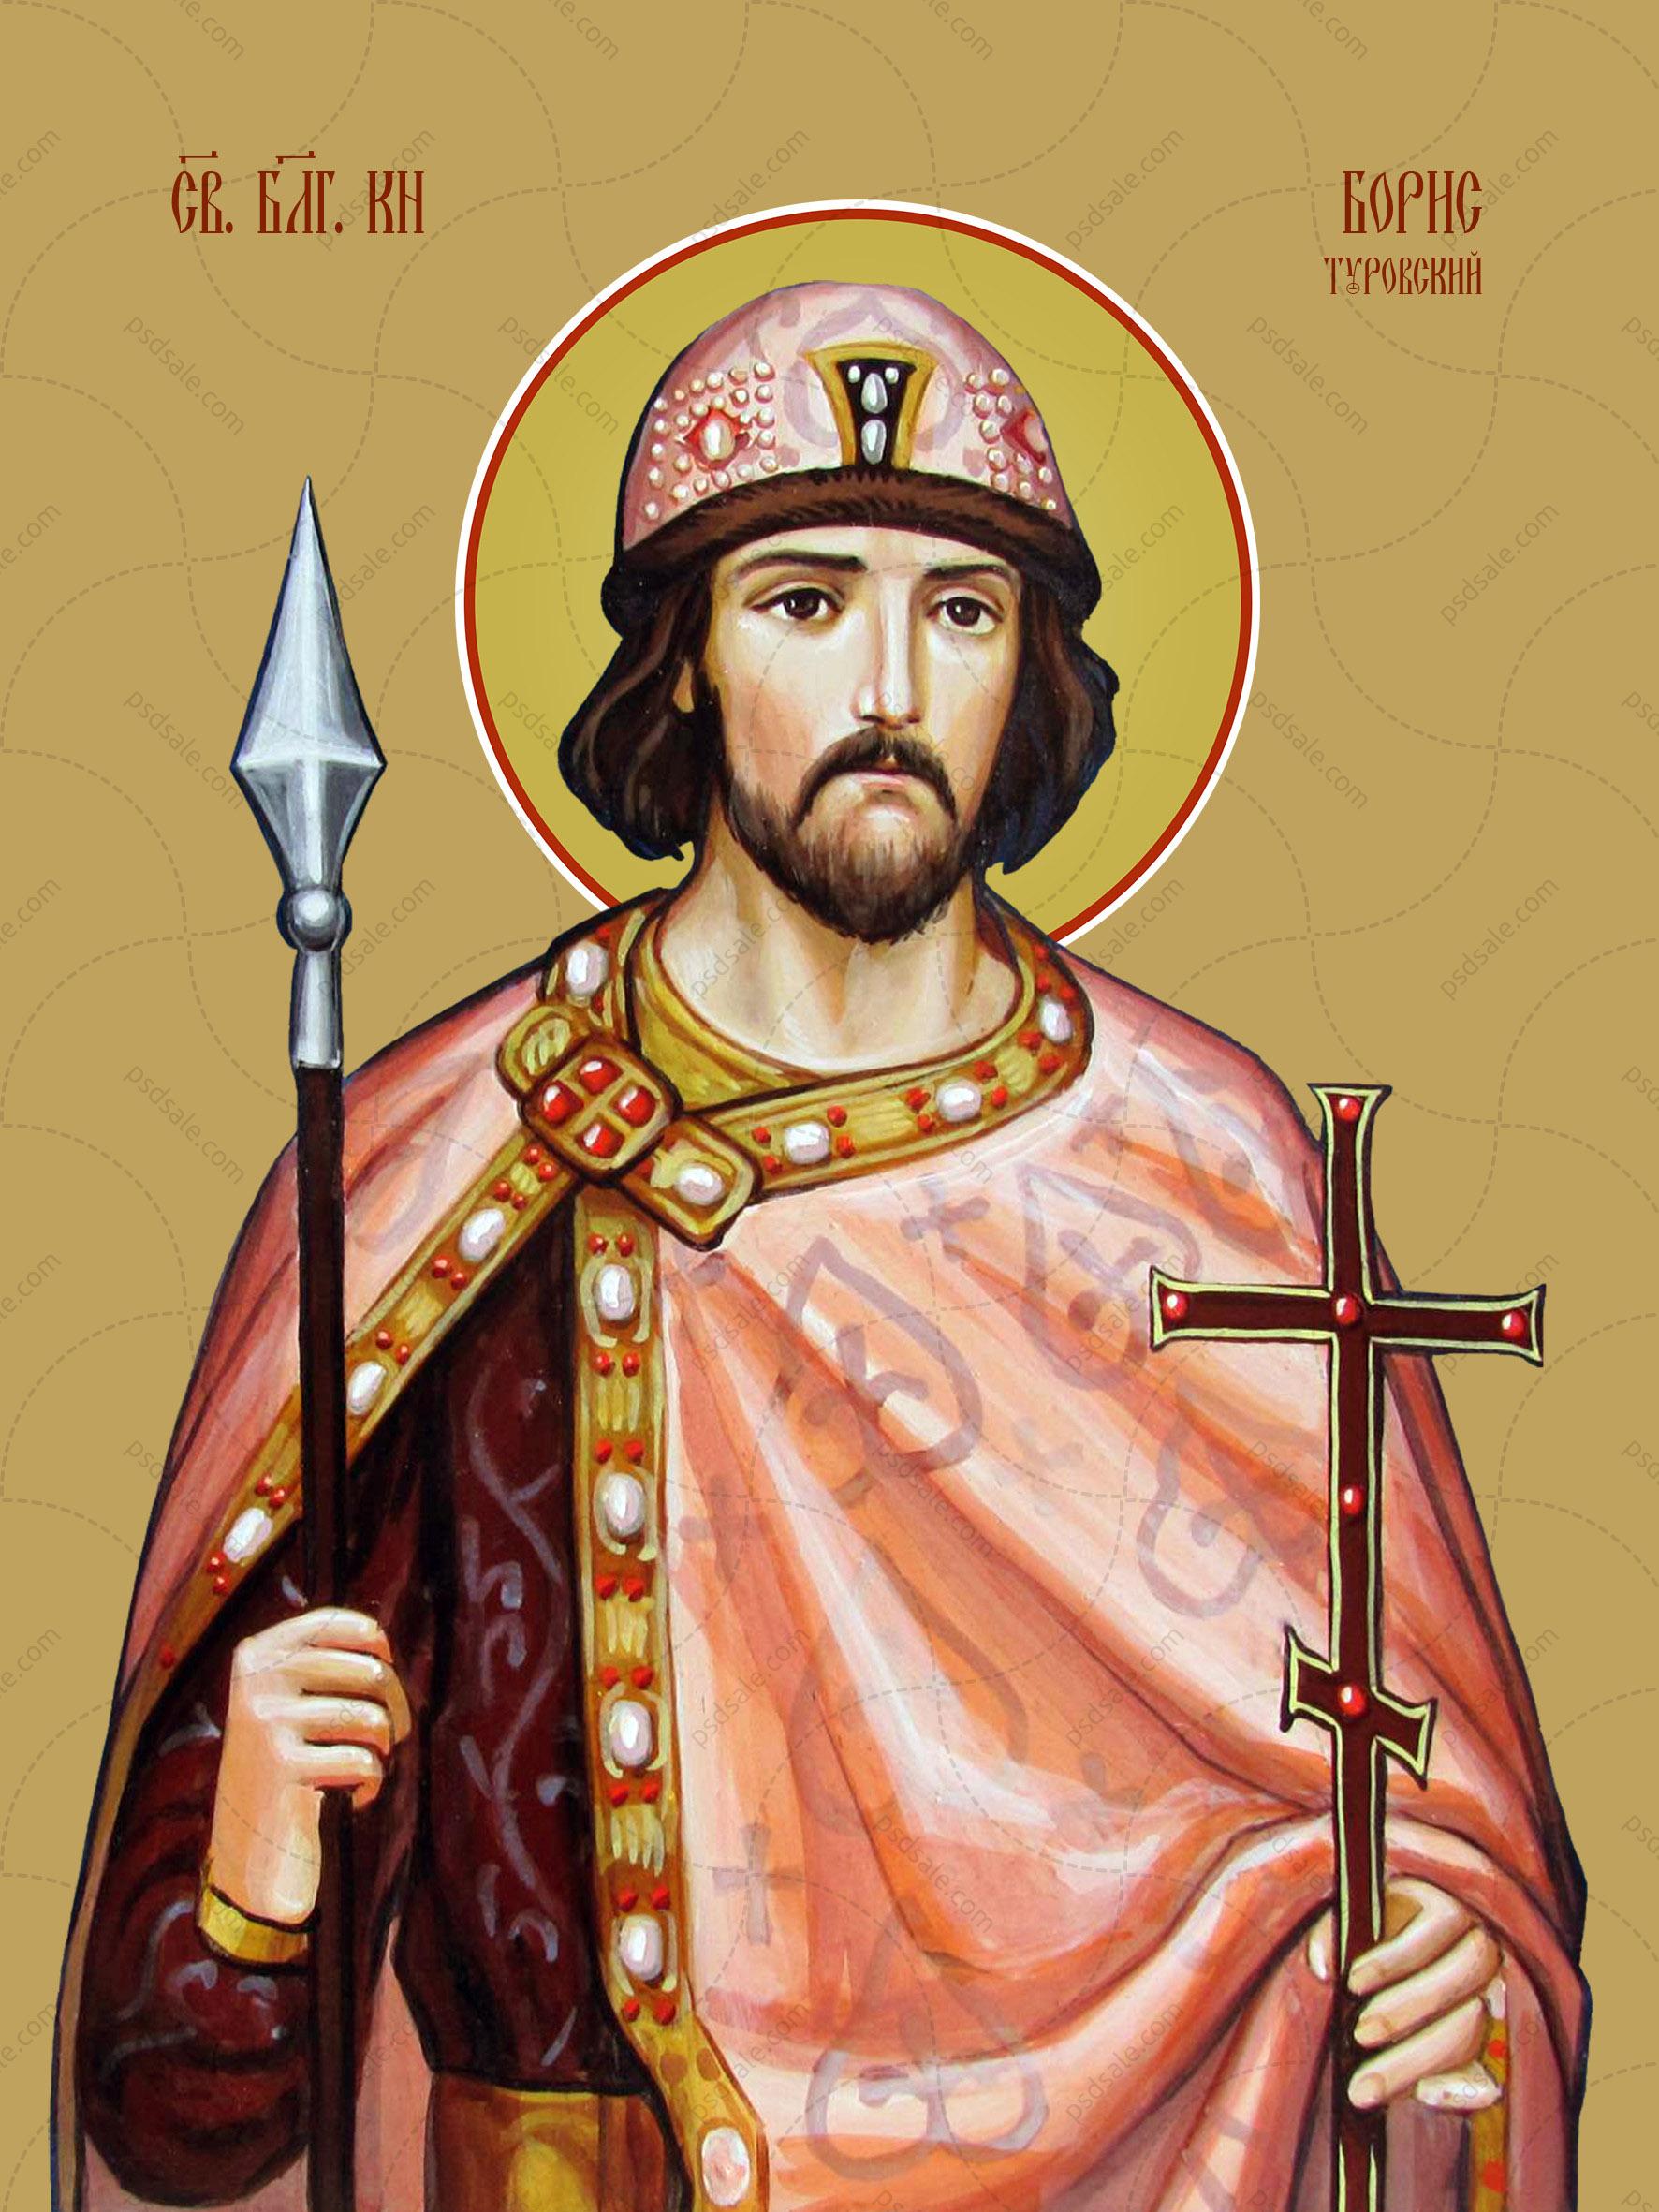 Борис Туровский, святой